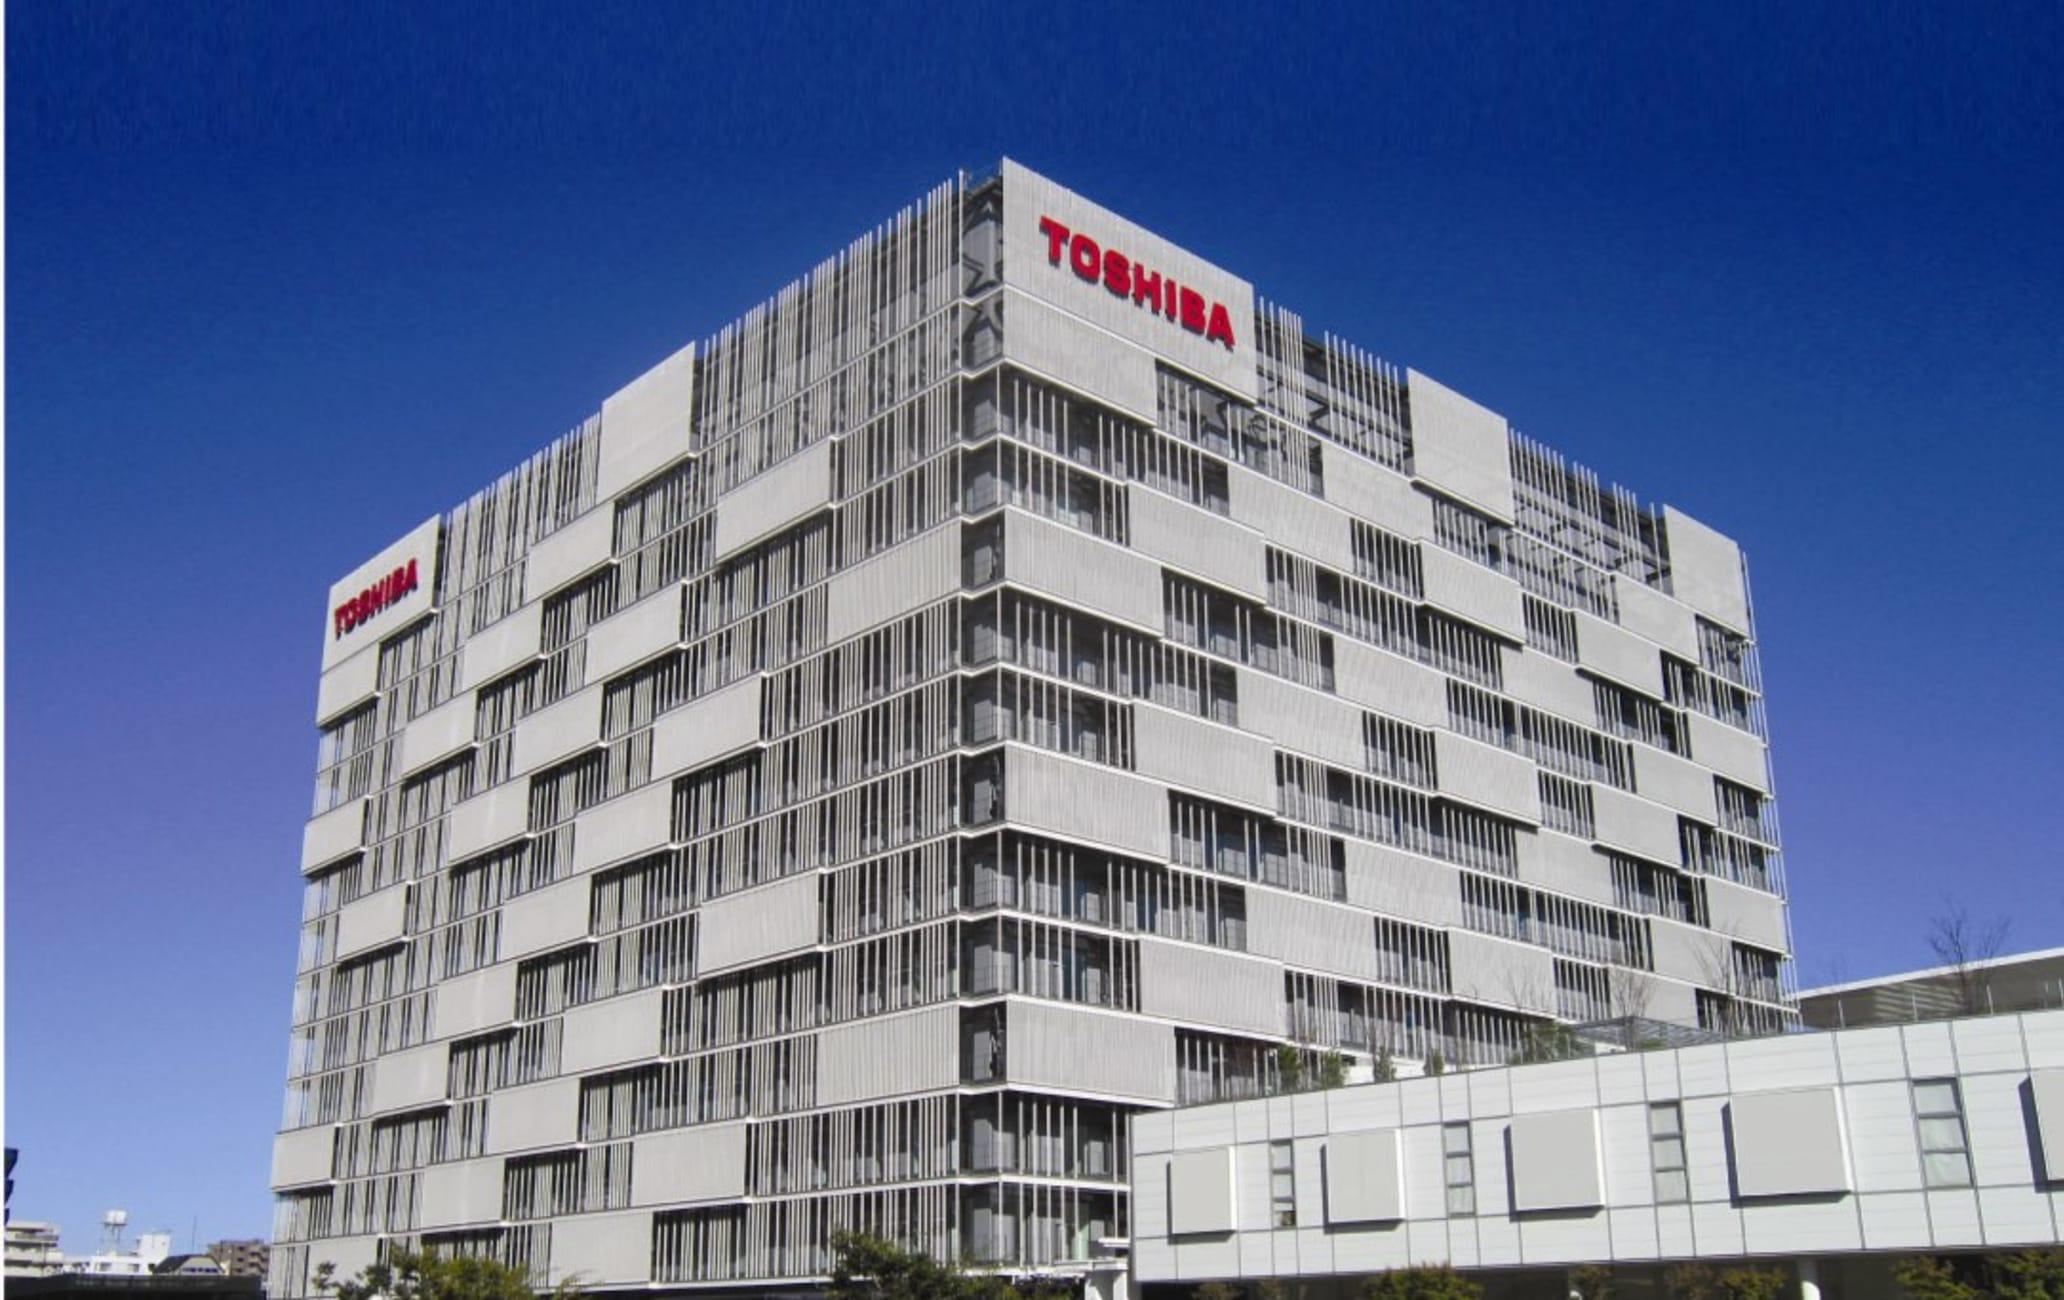 Toshiba Science Museum